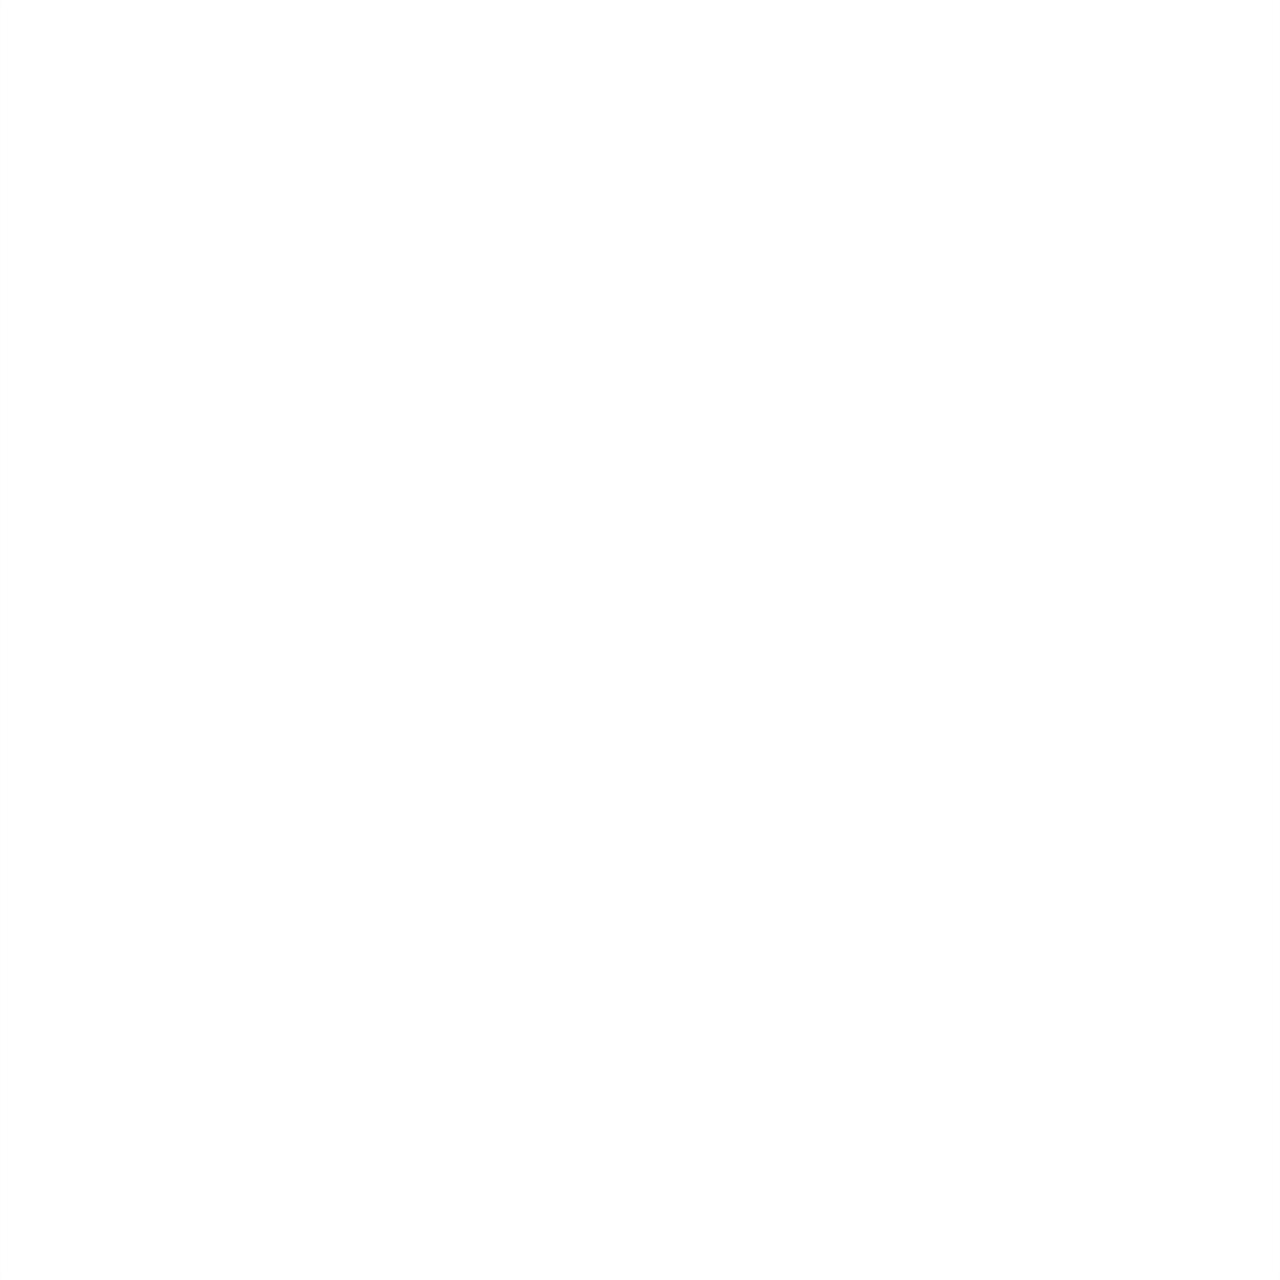 Алюкобонд 318 белый 8807 ARABOND